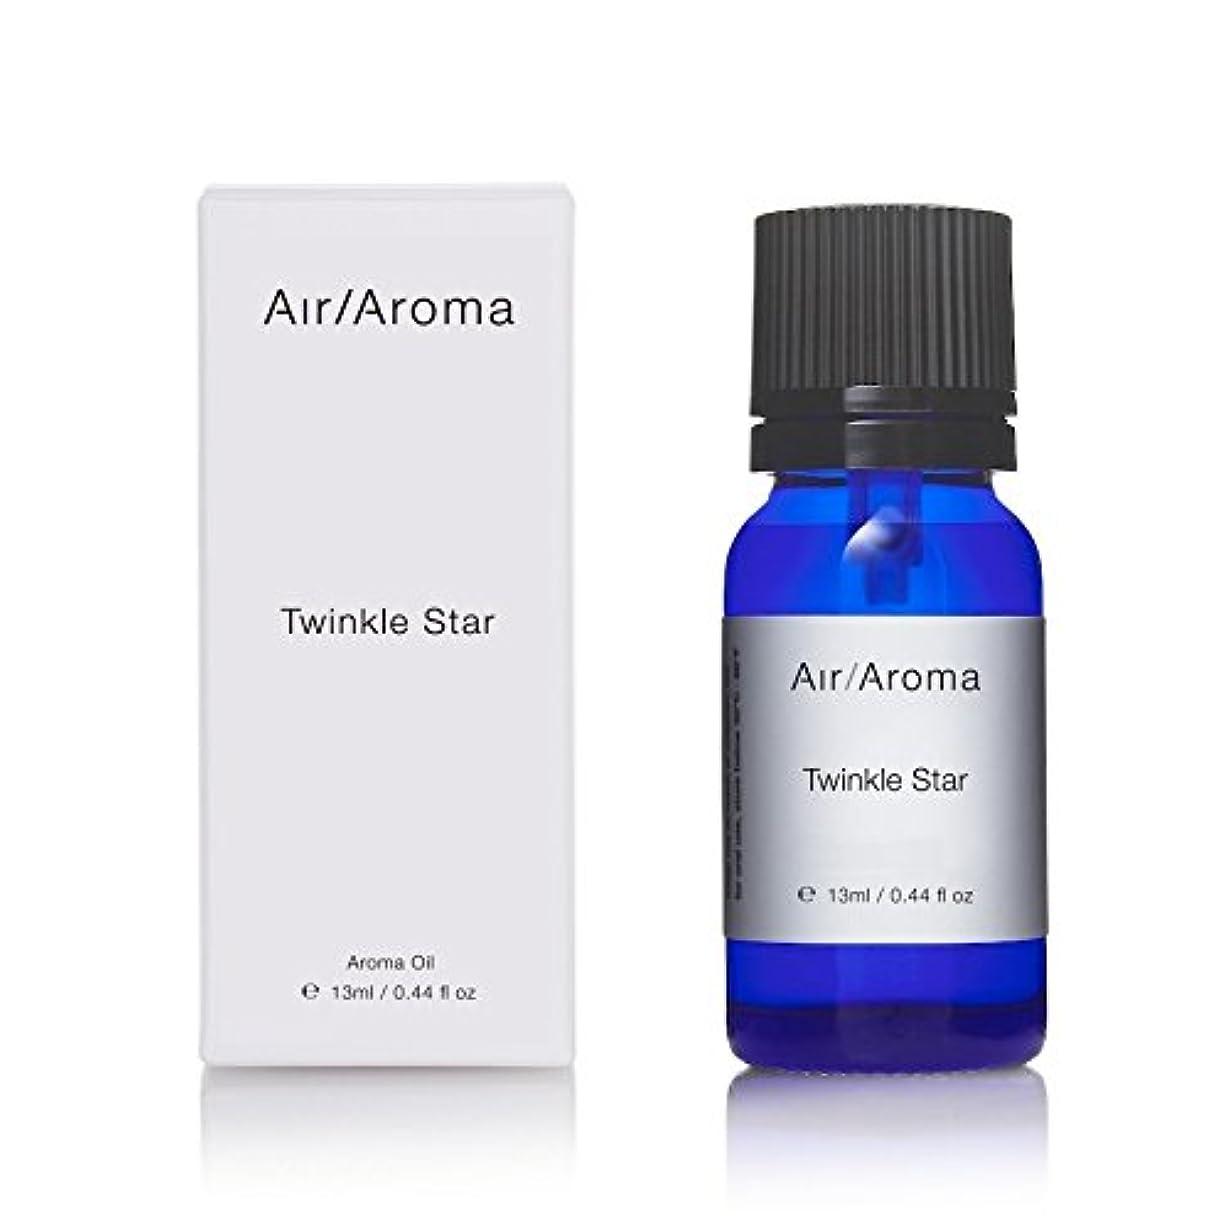 シニス合計のためエアアロマ twinkle star (トゥインクルスター) 13ml